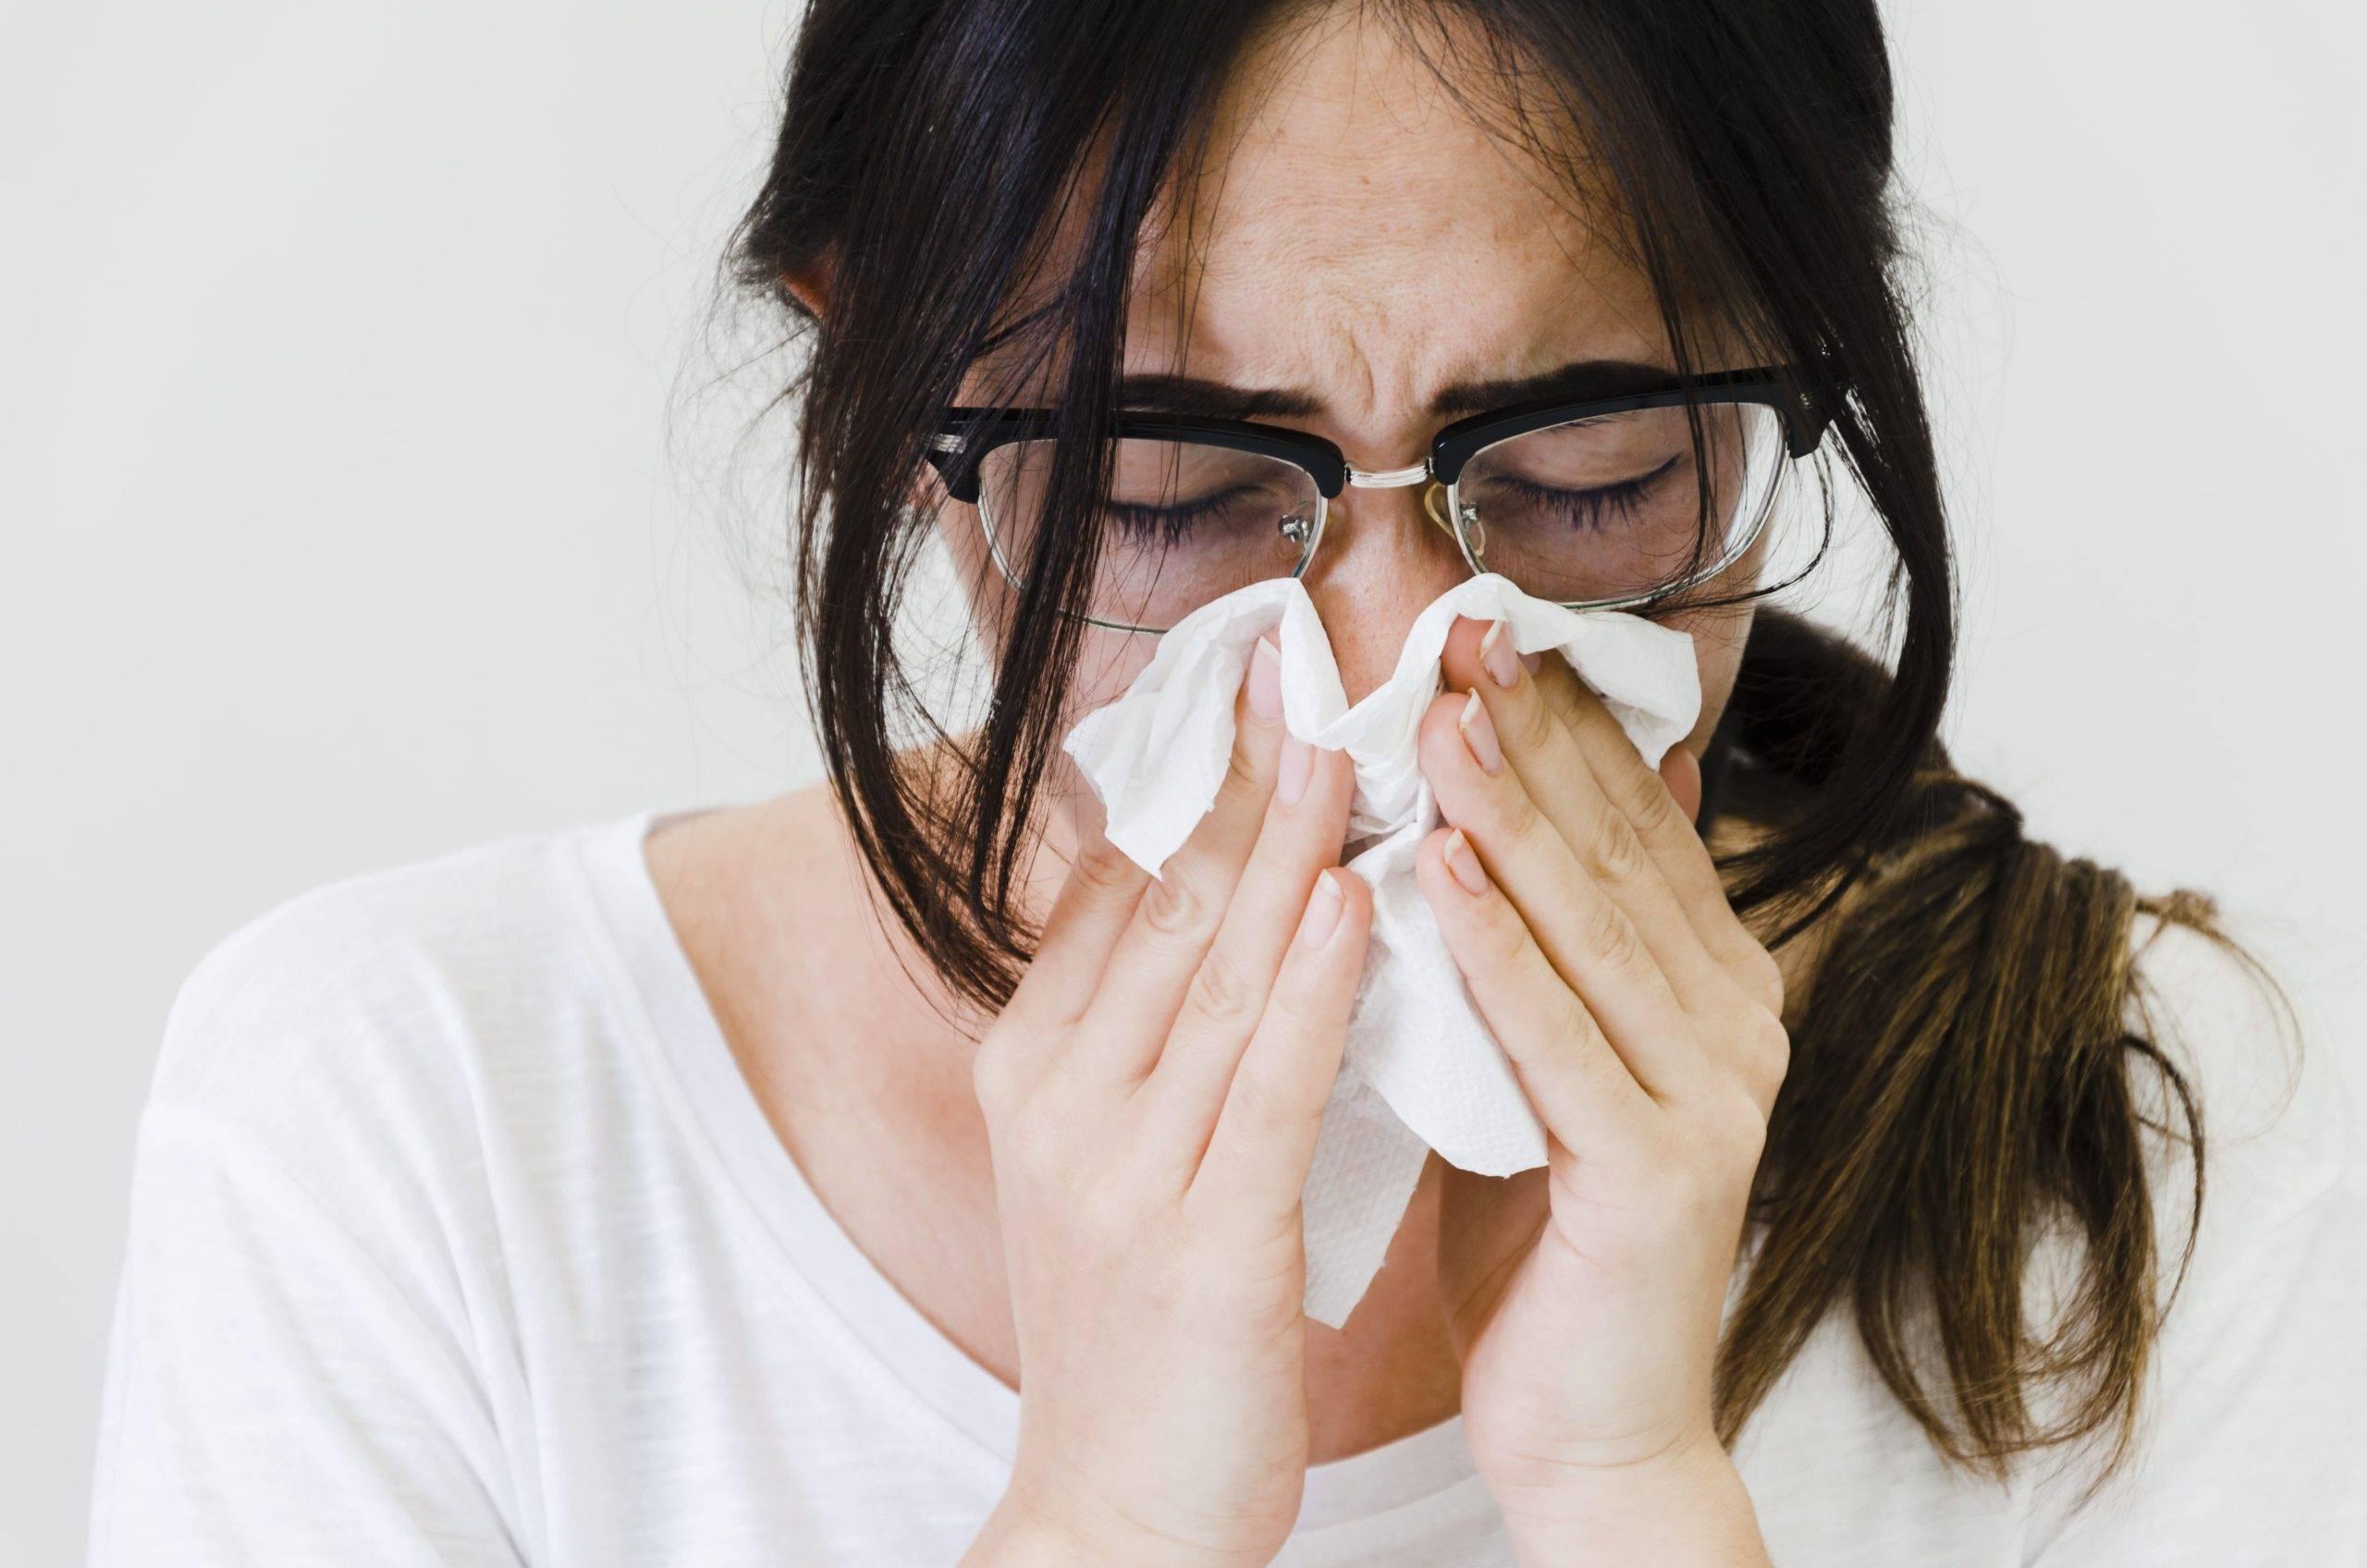 грибковый ринит симптомы